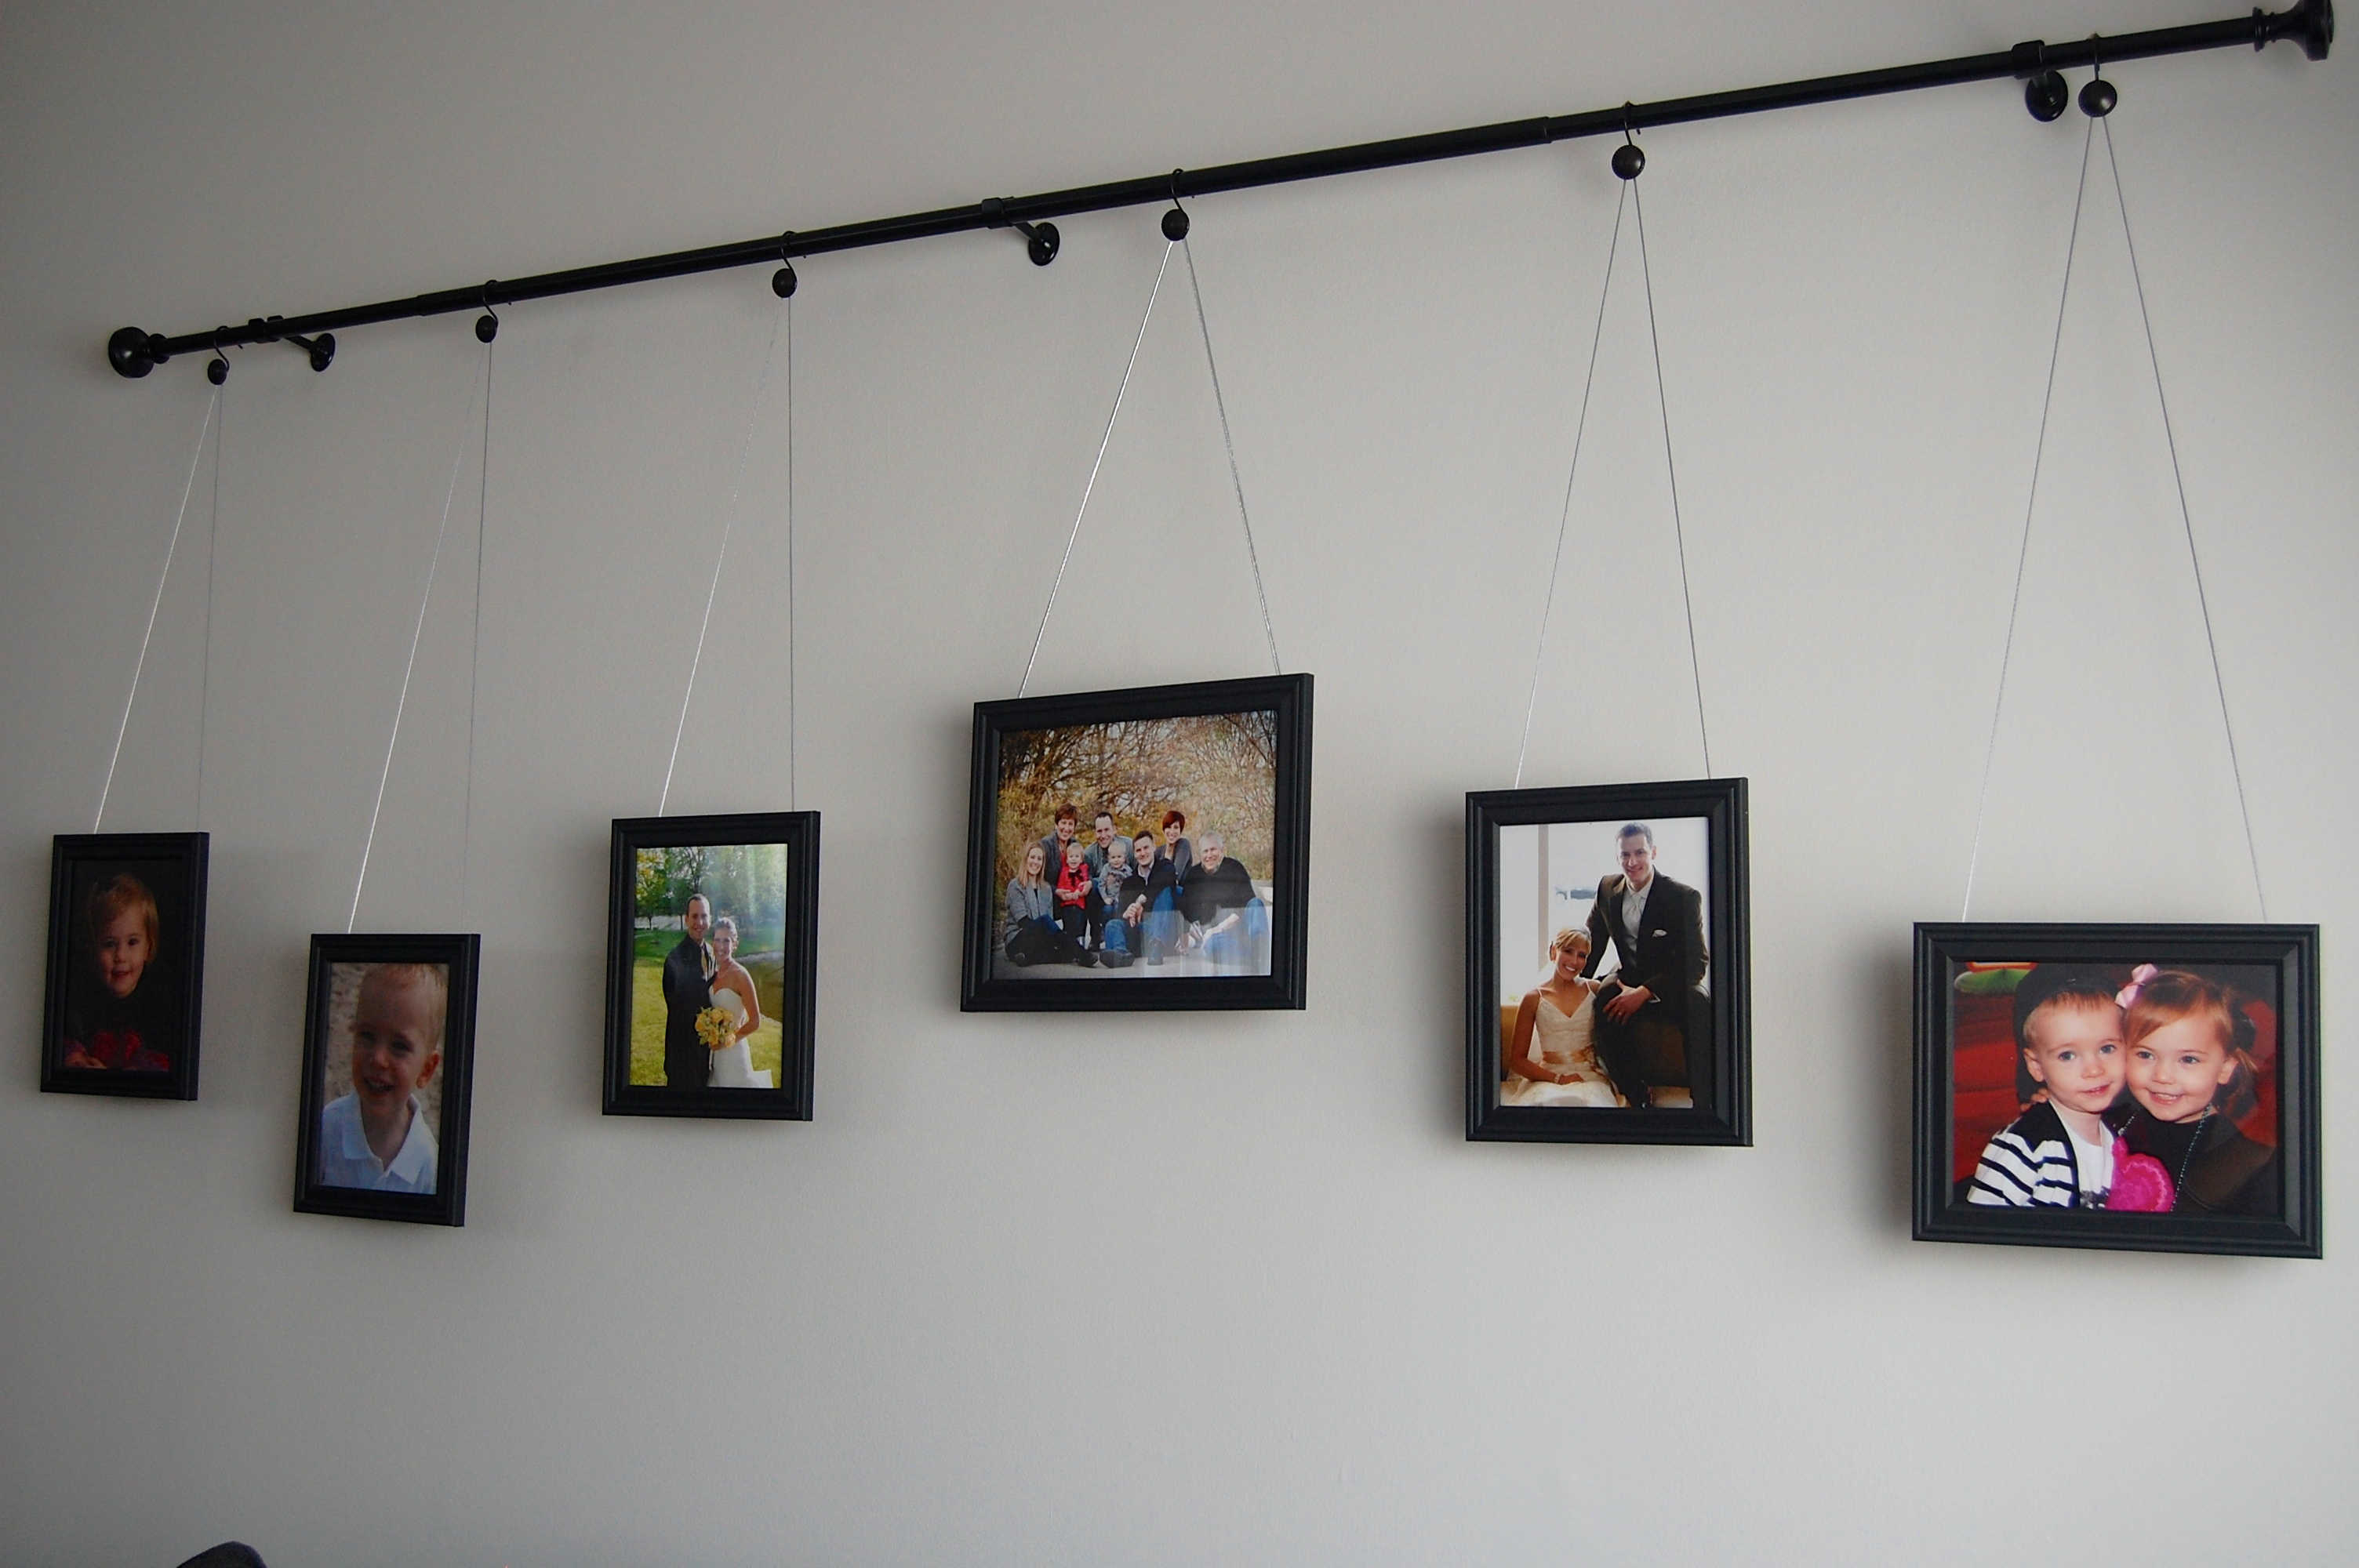 Diy Curtain Rod Gallery Wall